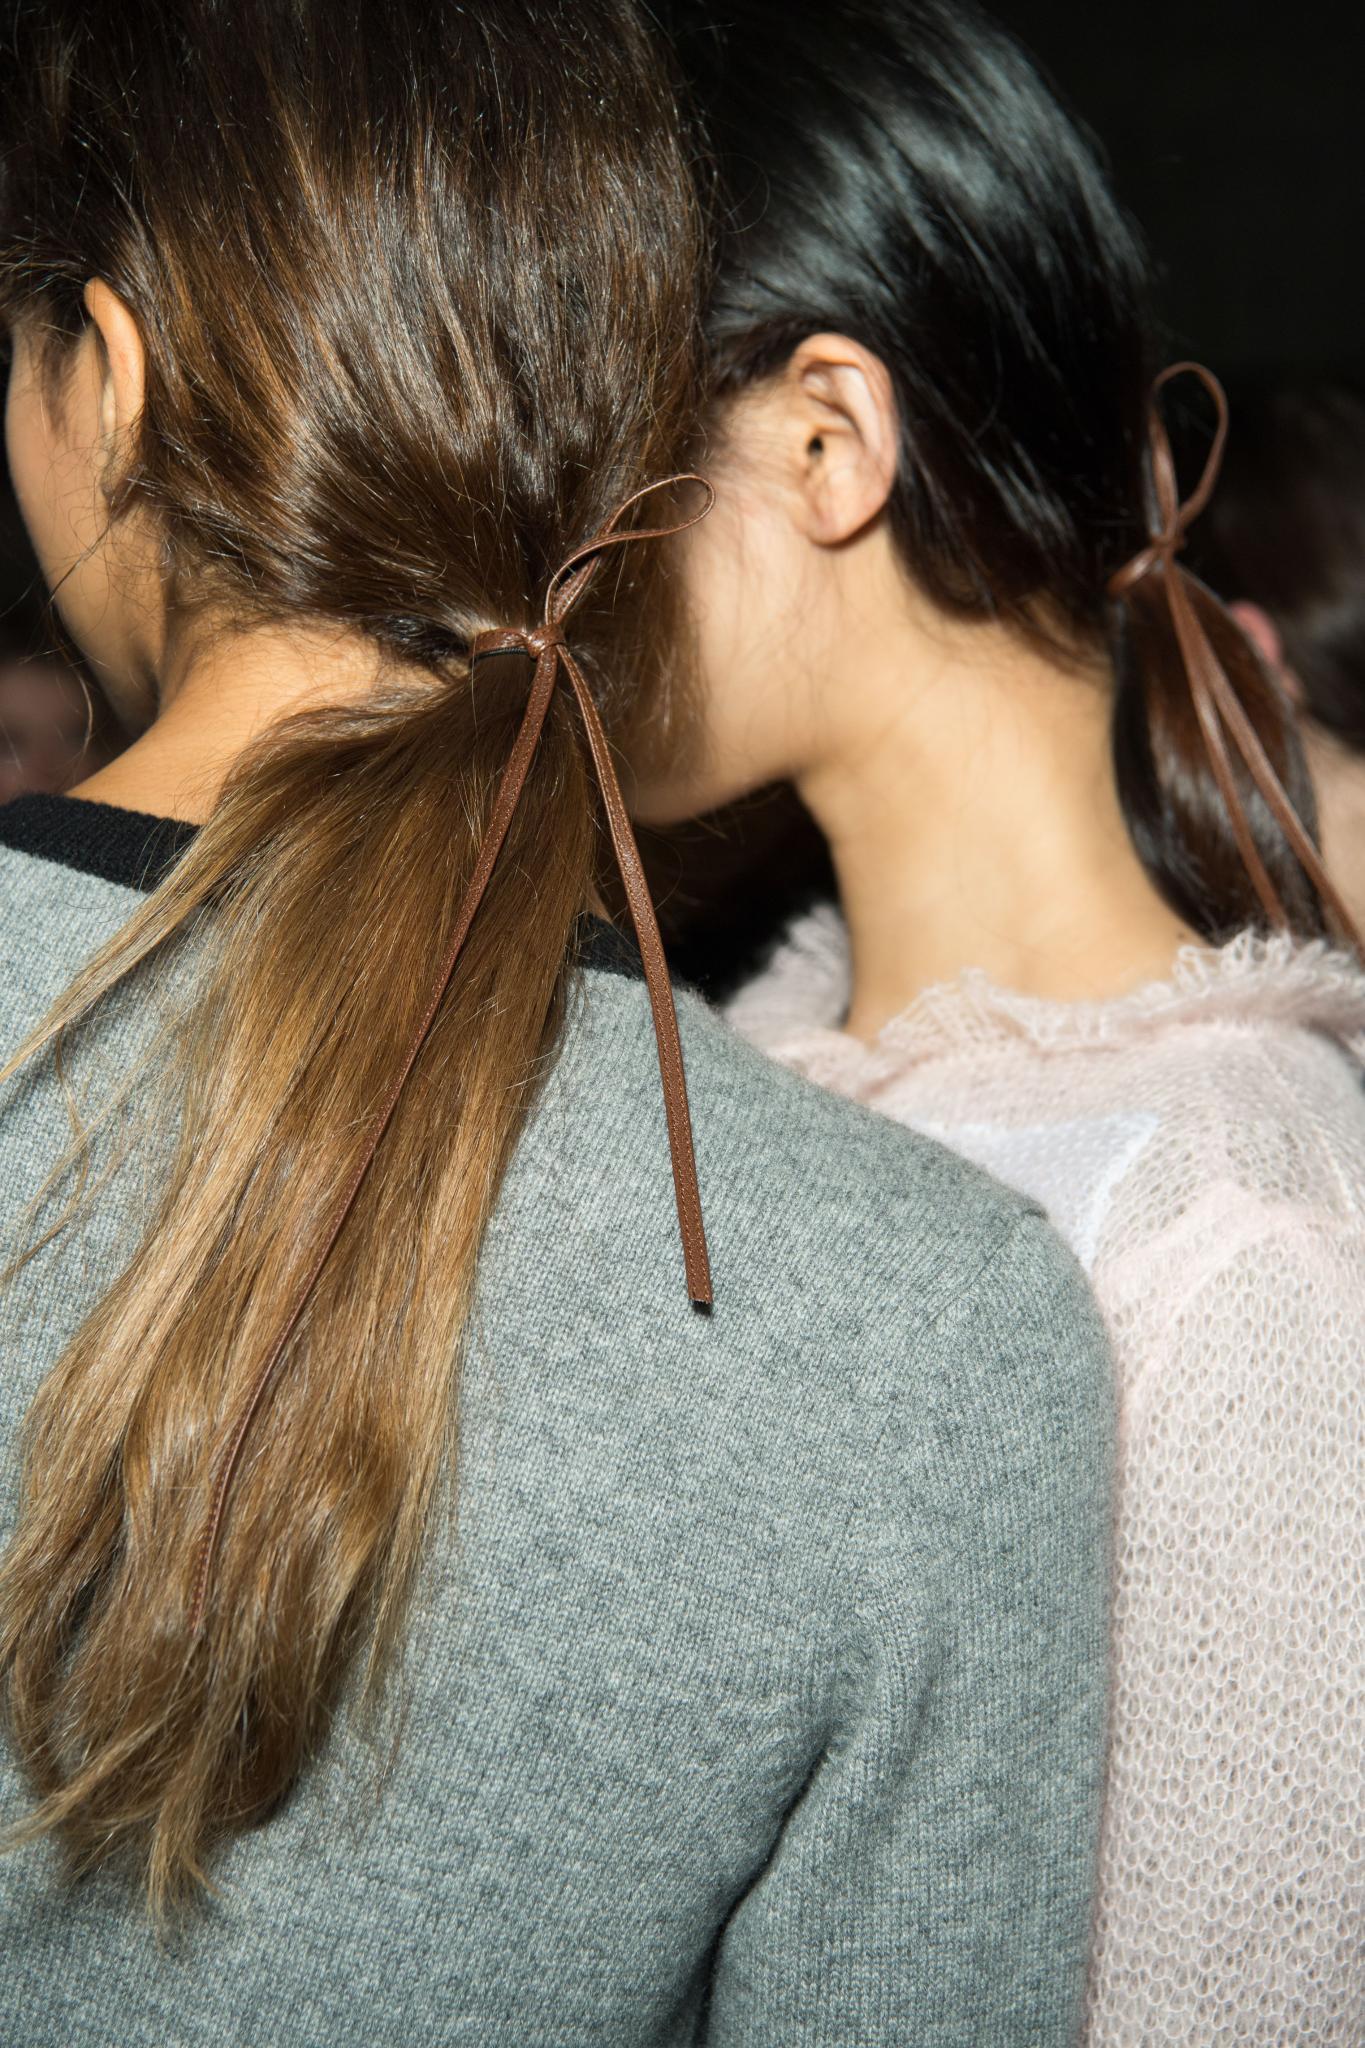 Vista de atrás de mujer castaña con coleta baja